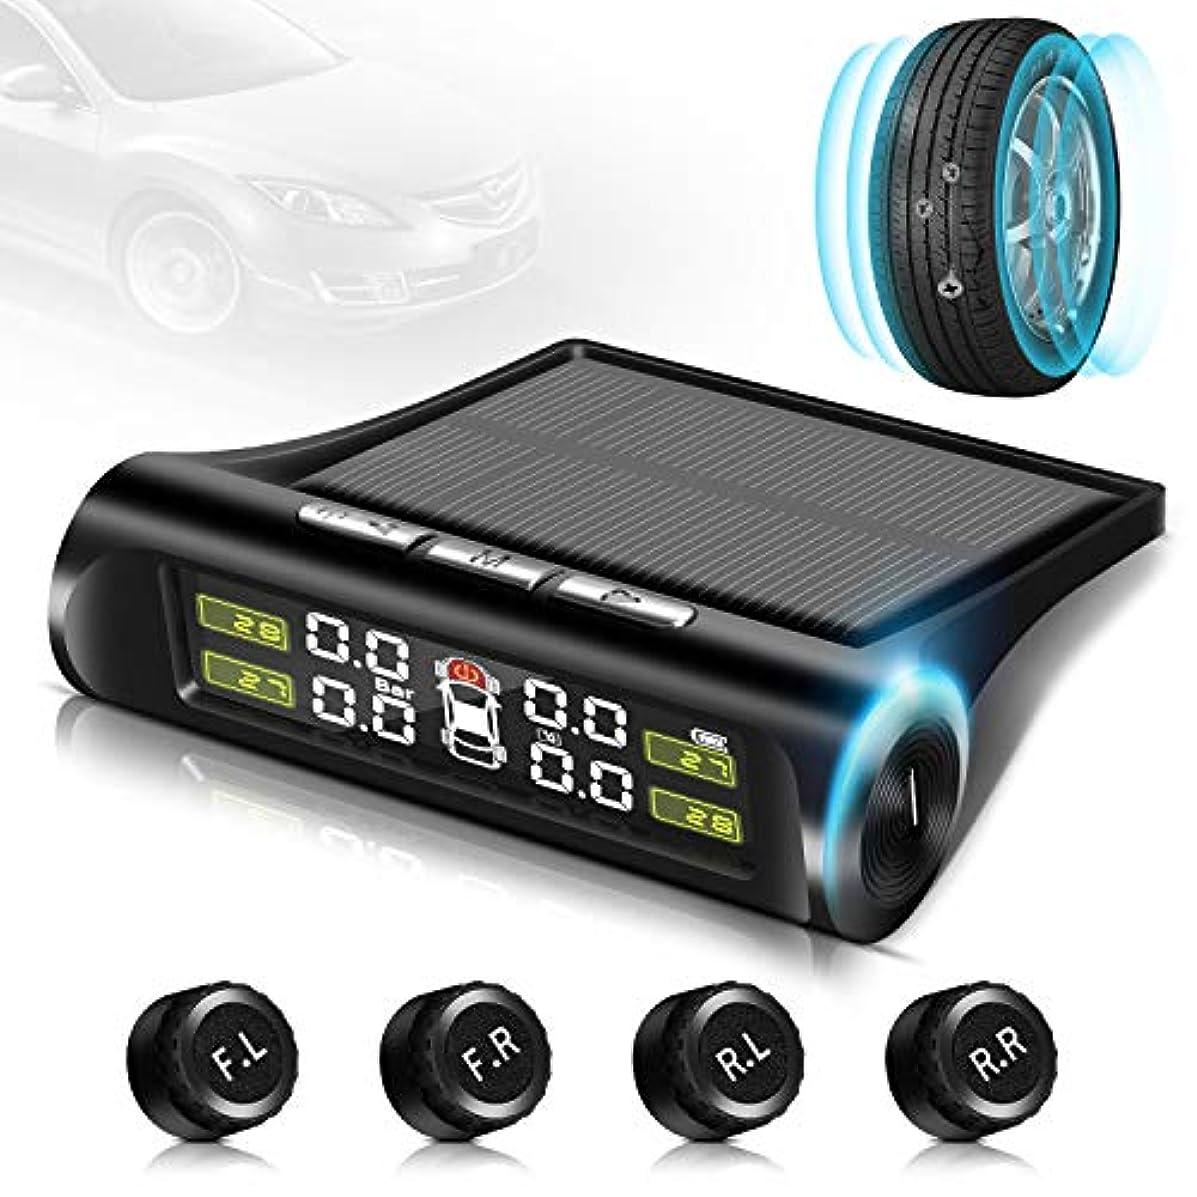 否認するきしむ穏やかな019最新版 タイヤ空気圧センサー タイヤ空気圧モニター TPMS 気圧温度 即時監視 太陽能/USB二重充電 ワイヤレス 4外部センサー 振動感知 取り付け簡単